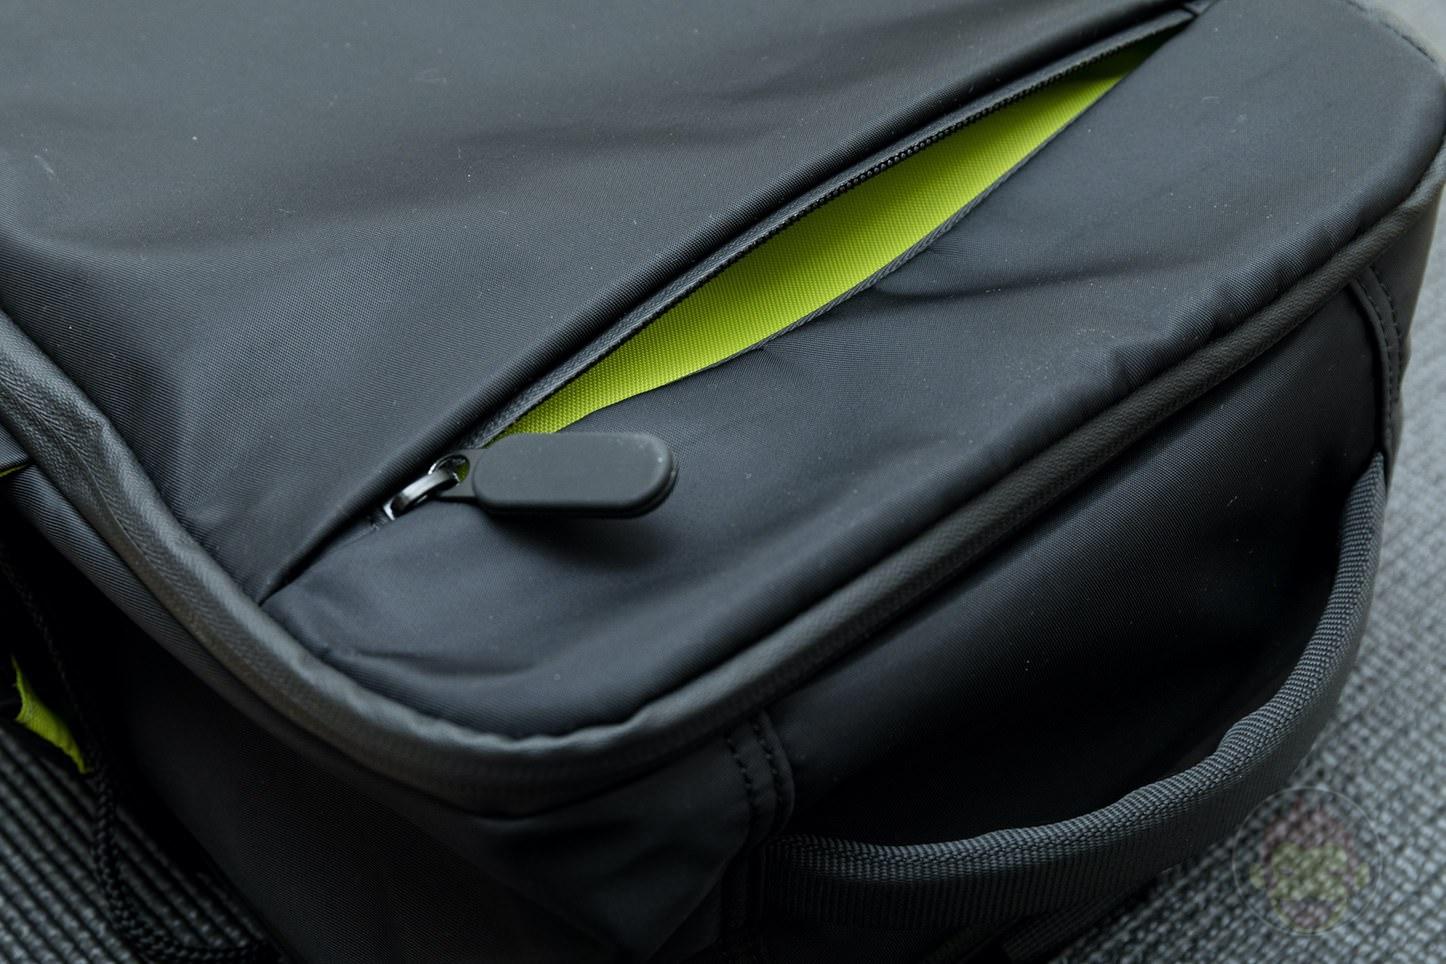 Quiver-Gym-Splashproof-Shoulder-Bag-08.jpg